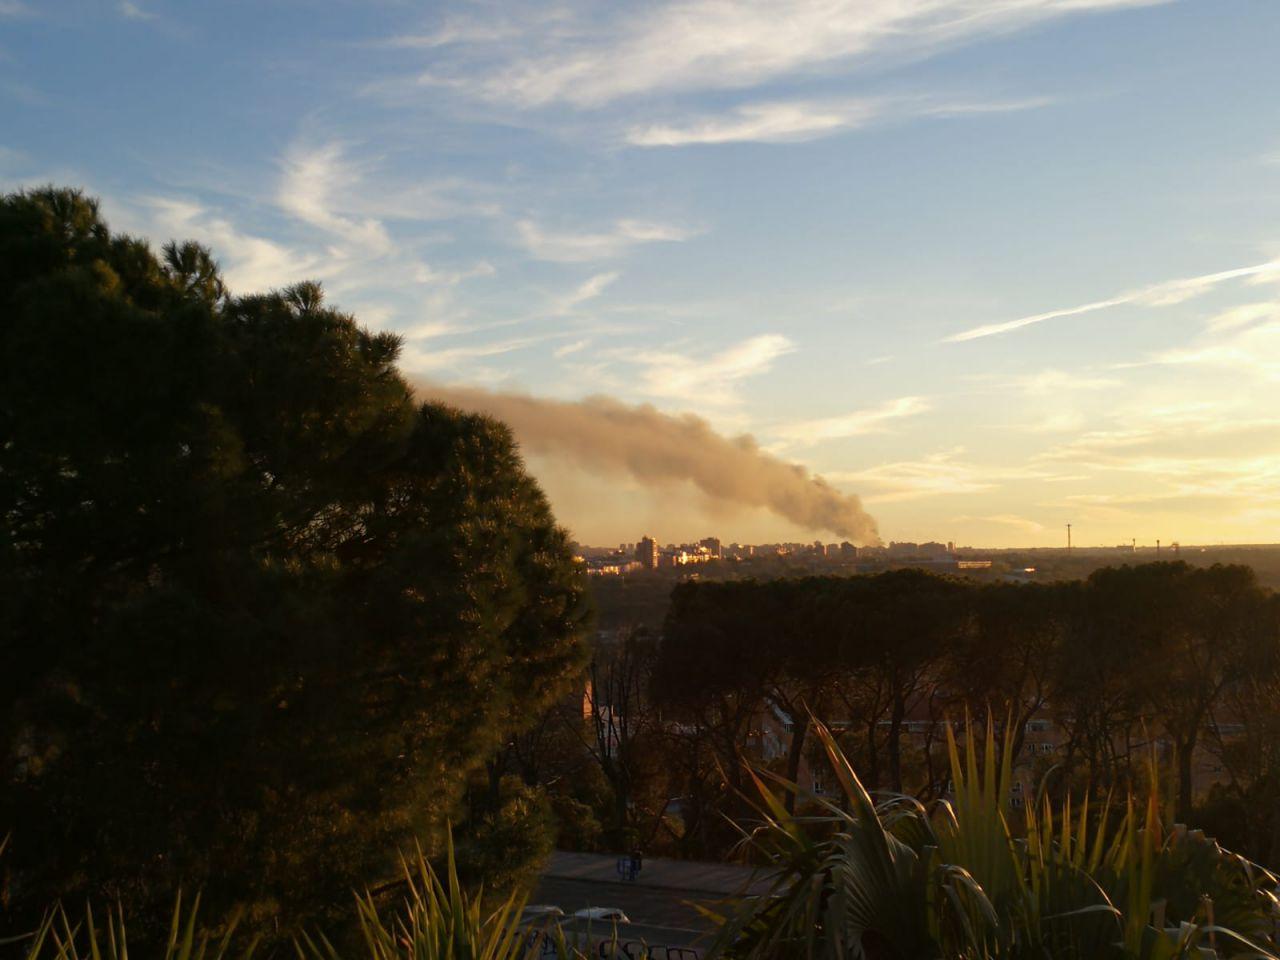 Vista del incendio desde el templo de Debod